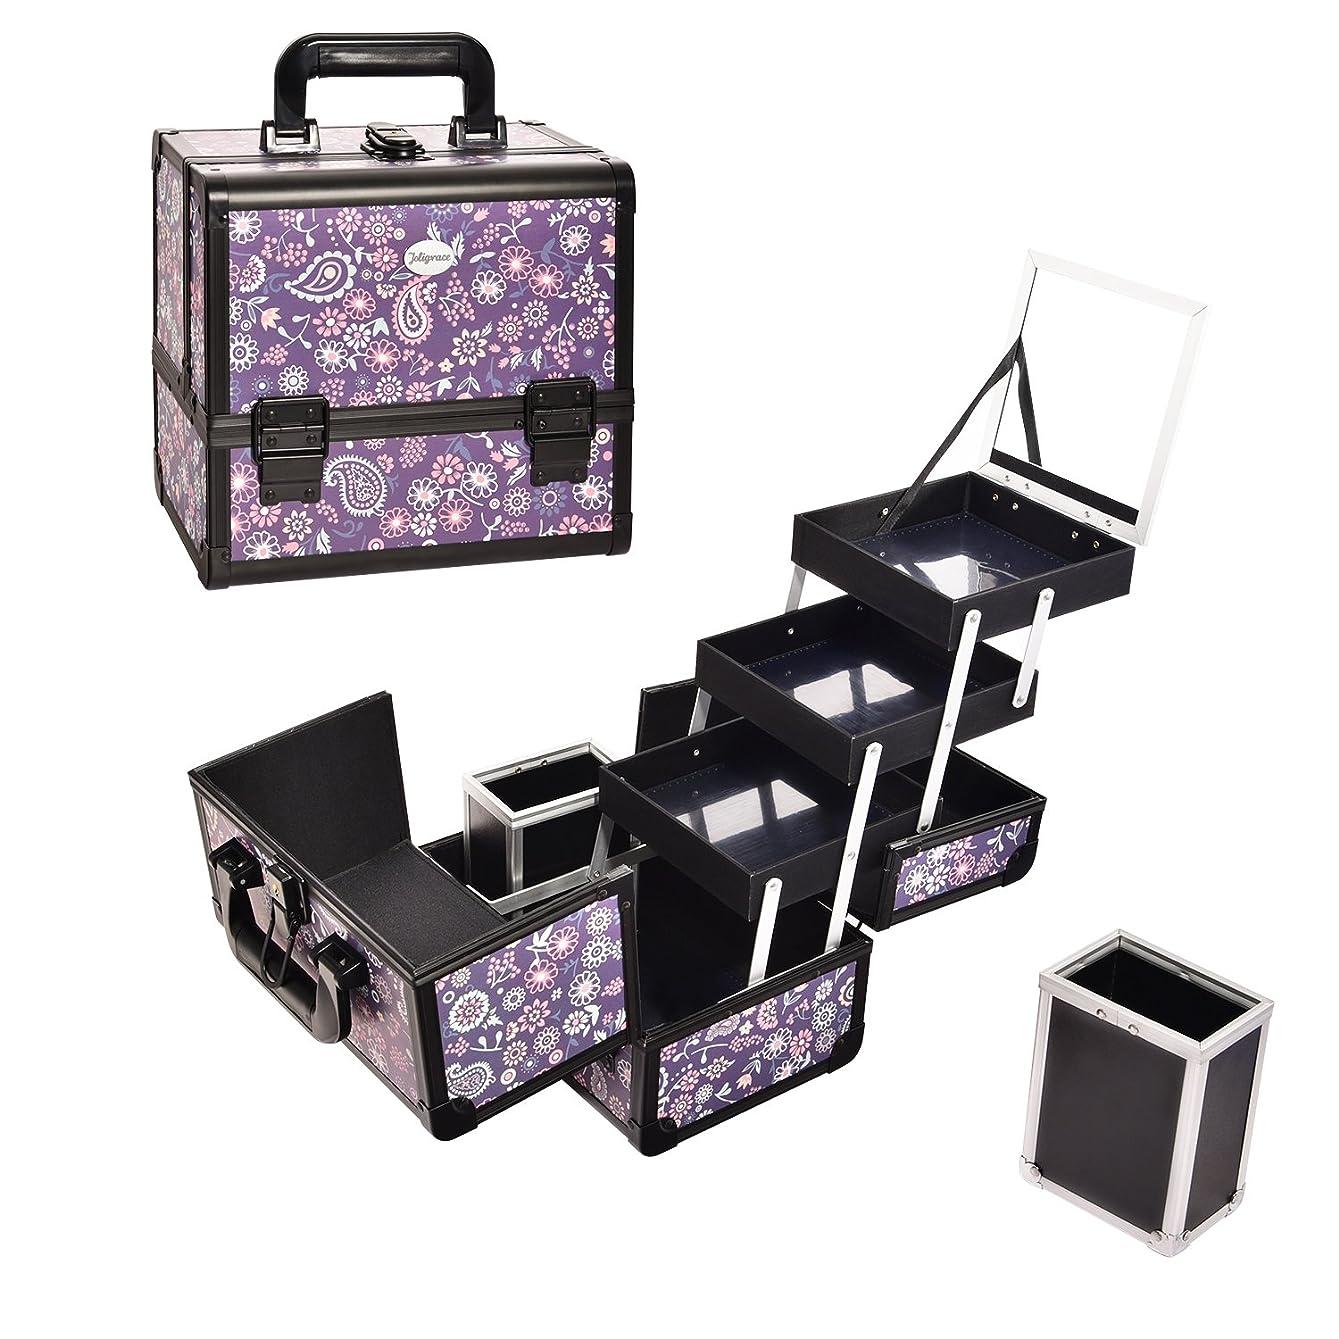 冒険家葉を集める緑メイクアップボックスミラーとブラシホルダー 化粧品ケース ジュエリーオーガナイザー キーによる軽量のロック可能(紫の花)